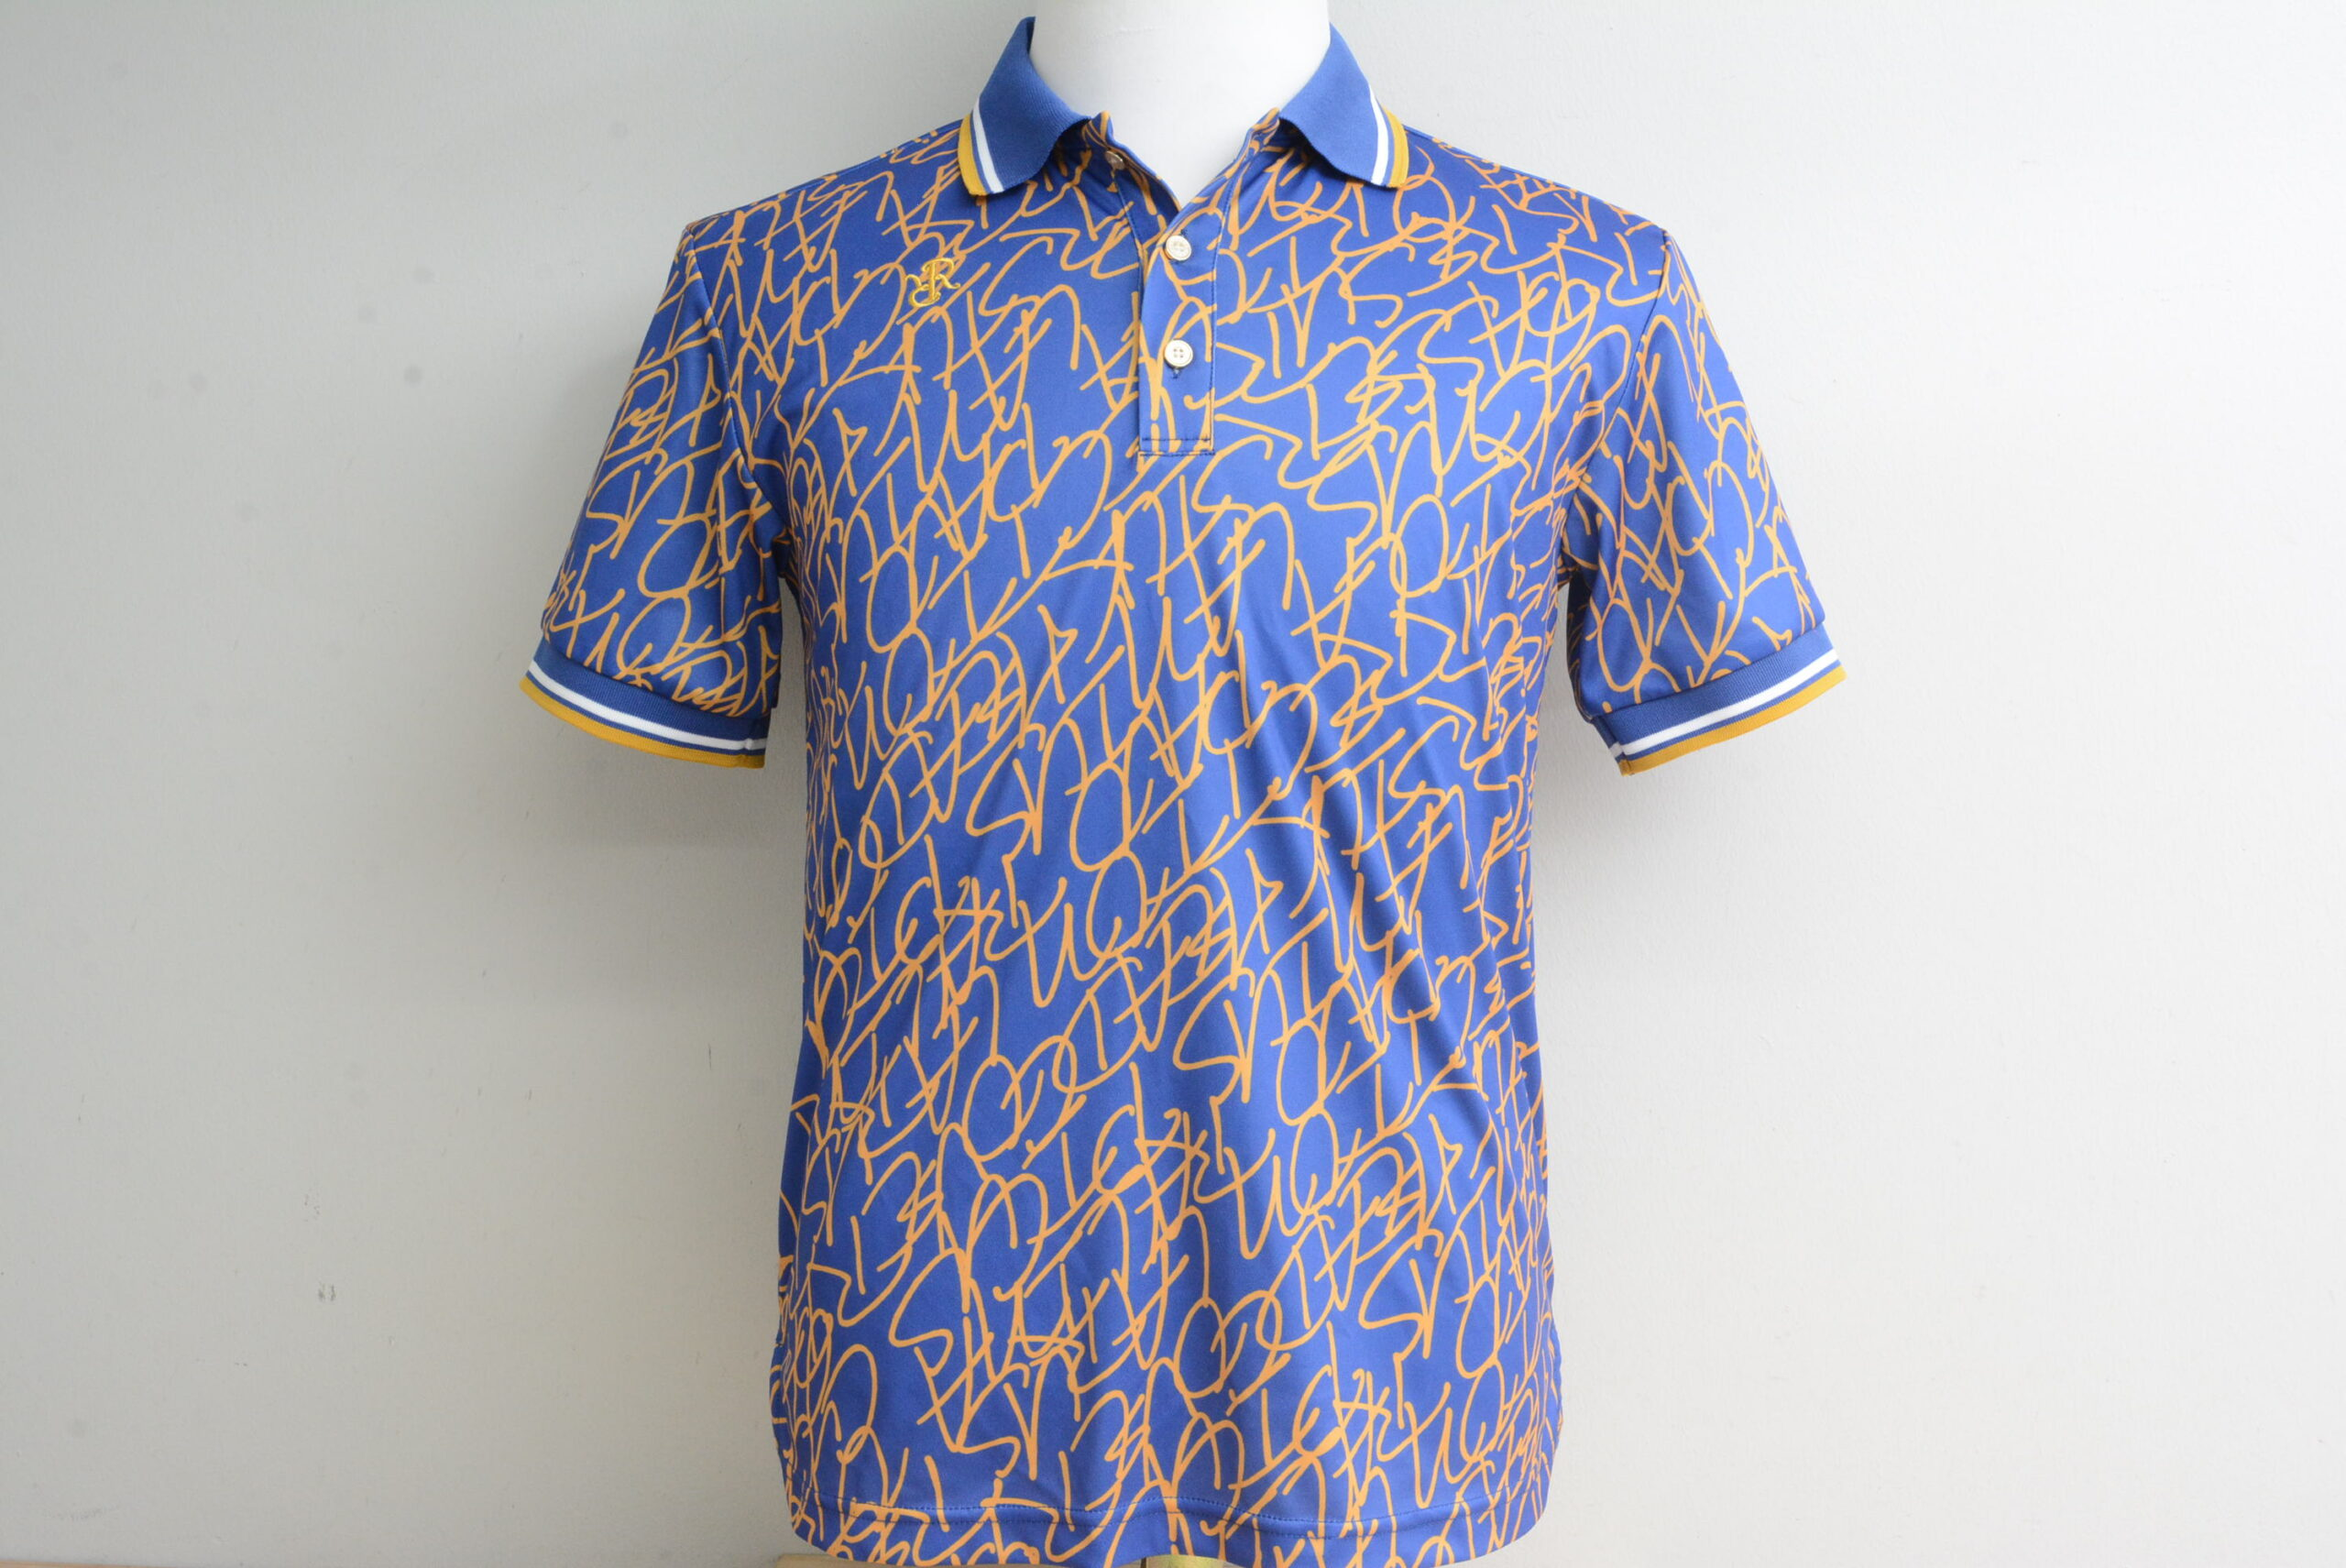 レザレクション メンズ ポロシャツ 半袖 ブルー 総柄 Mサイズ